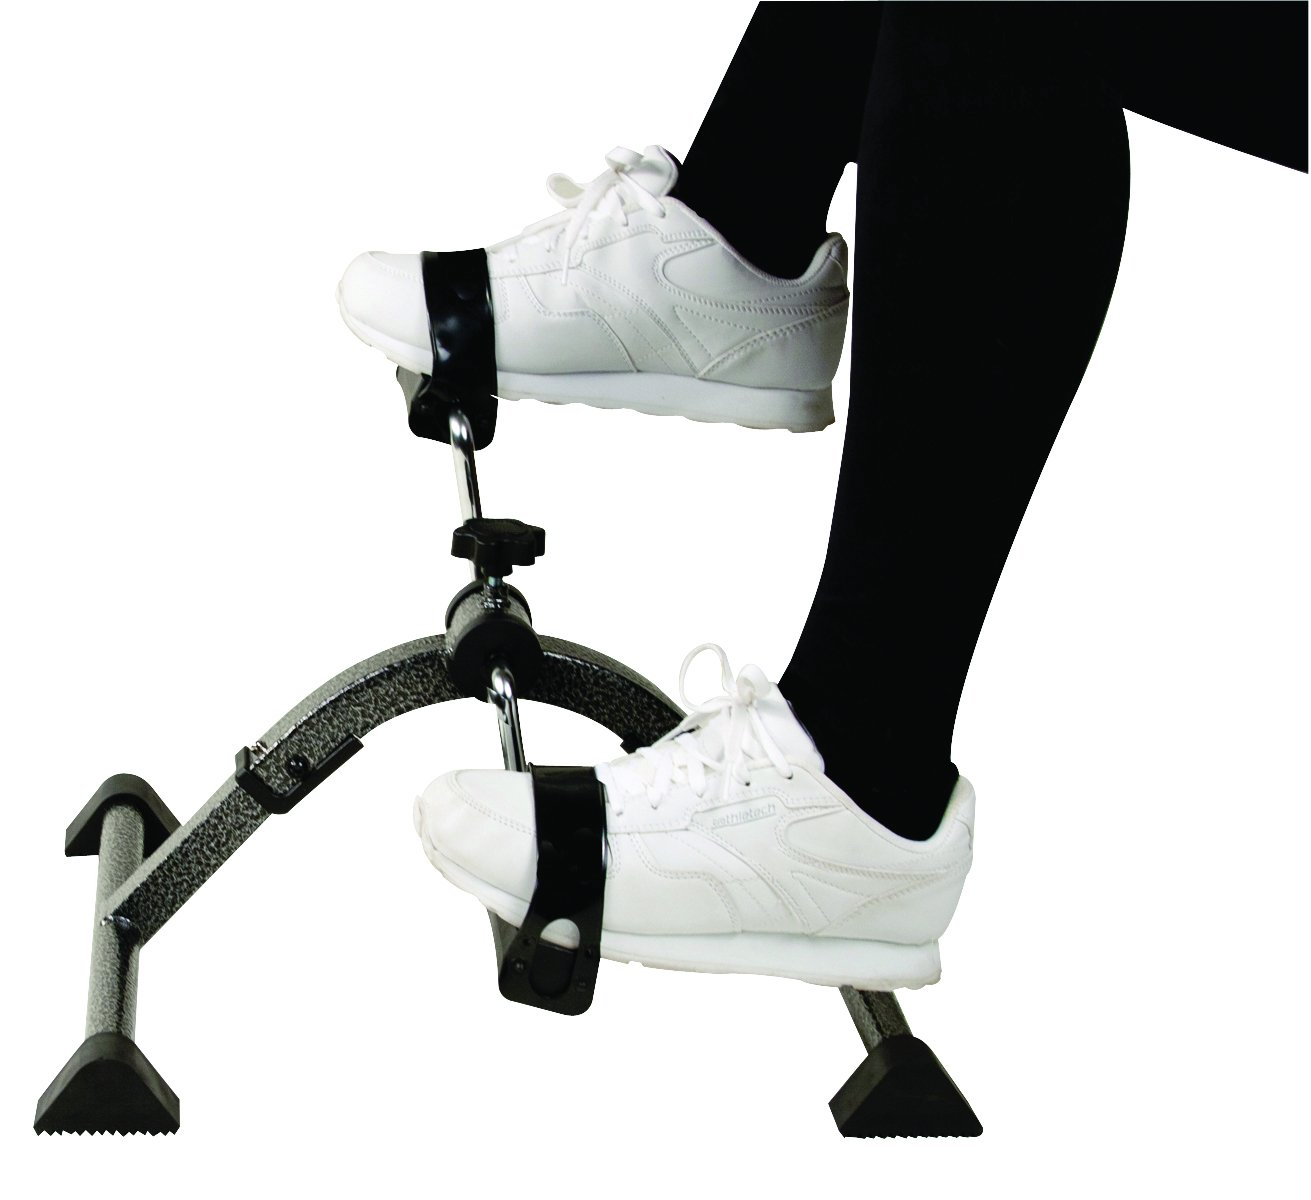 BodyHealt Pedal Exerciser - Preassembled - Fold-up